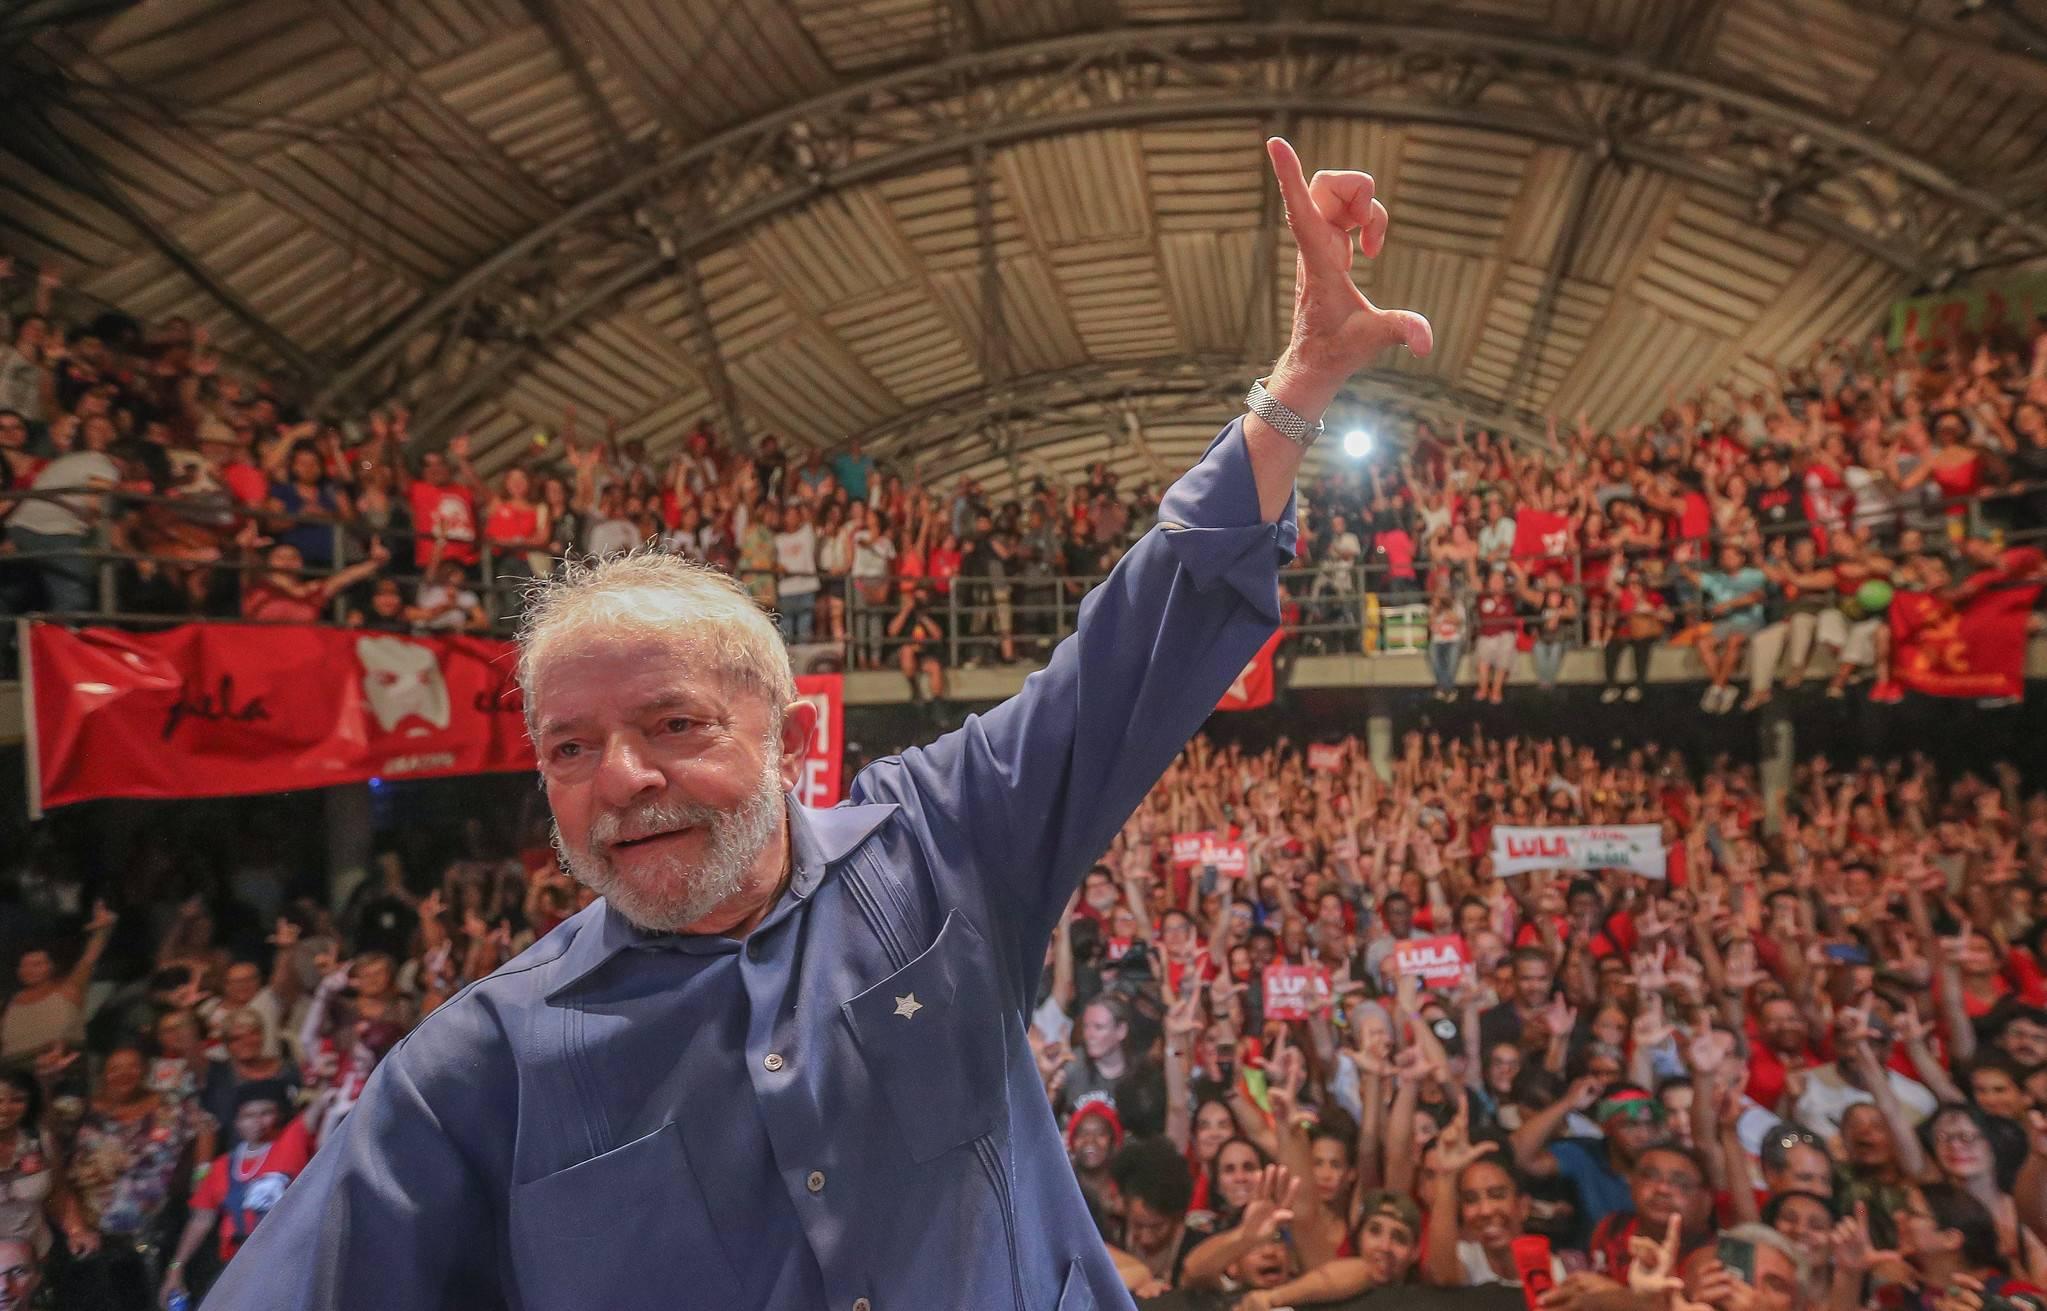 Lula participou de evento do PT no Circo Voador, no Rio de Janeiro, dias após sair da prisão.